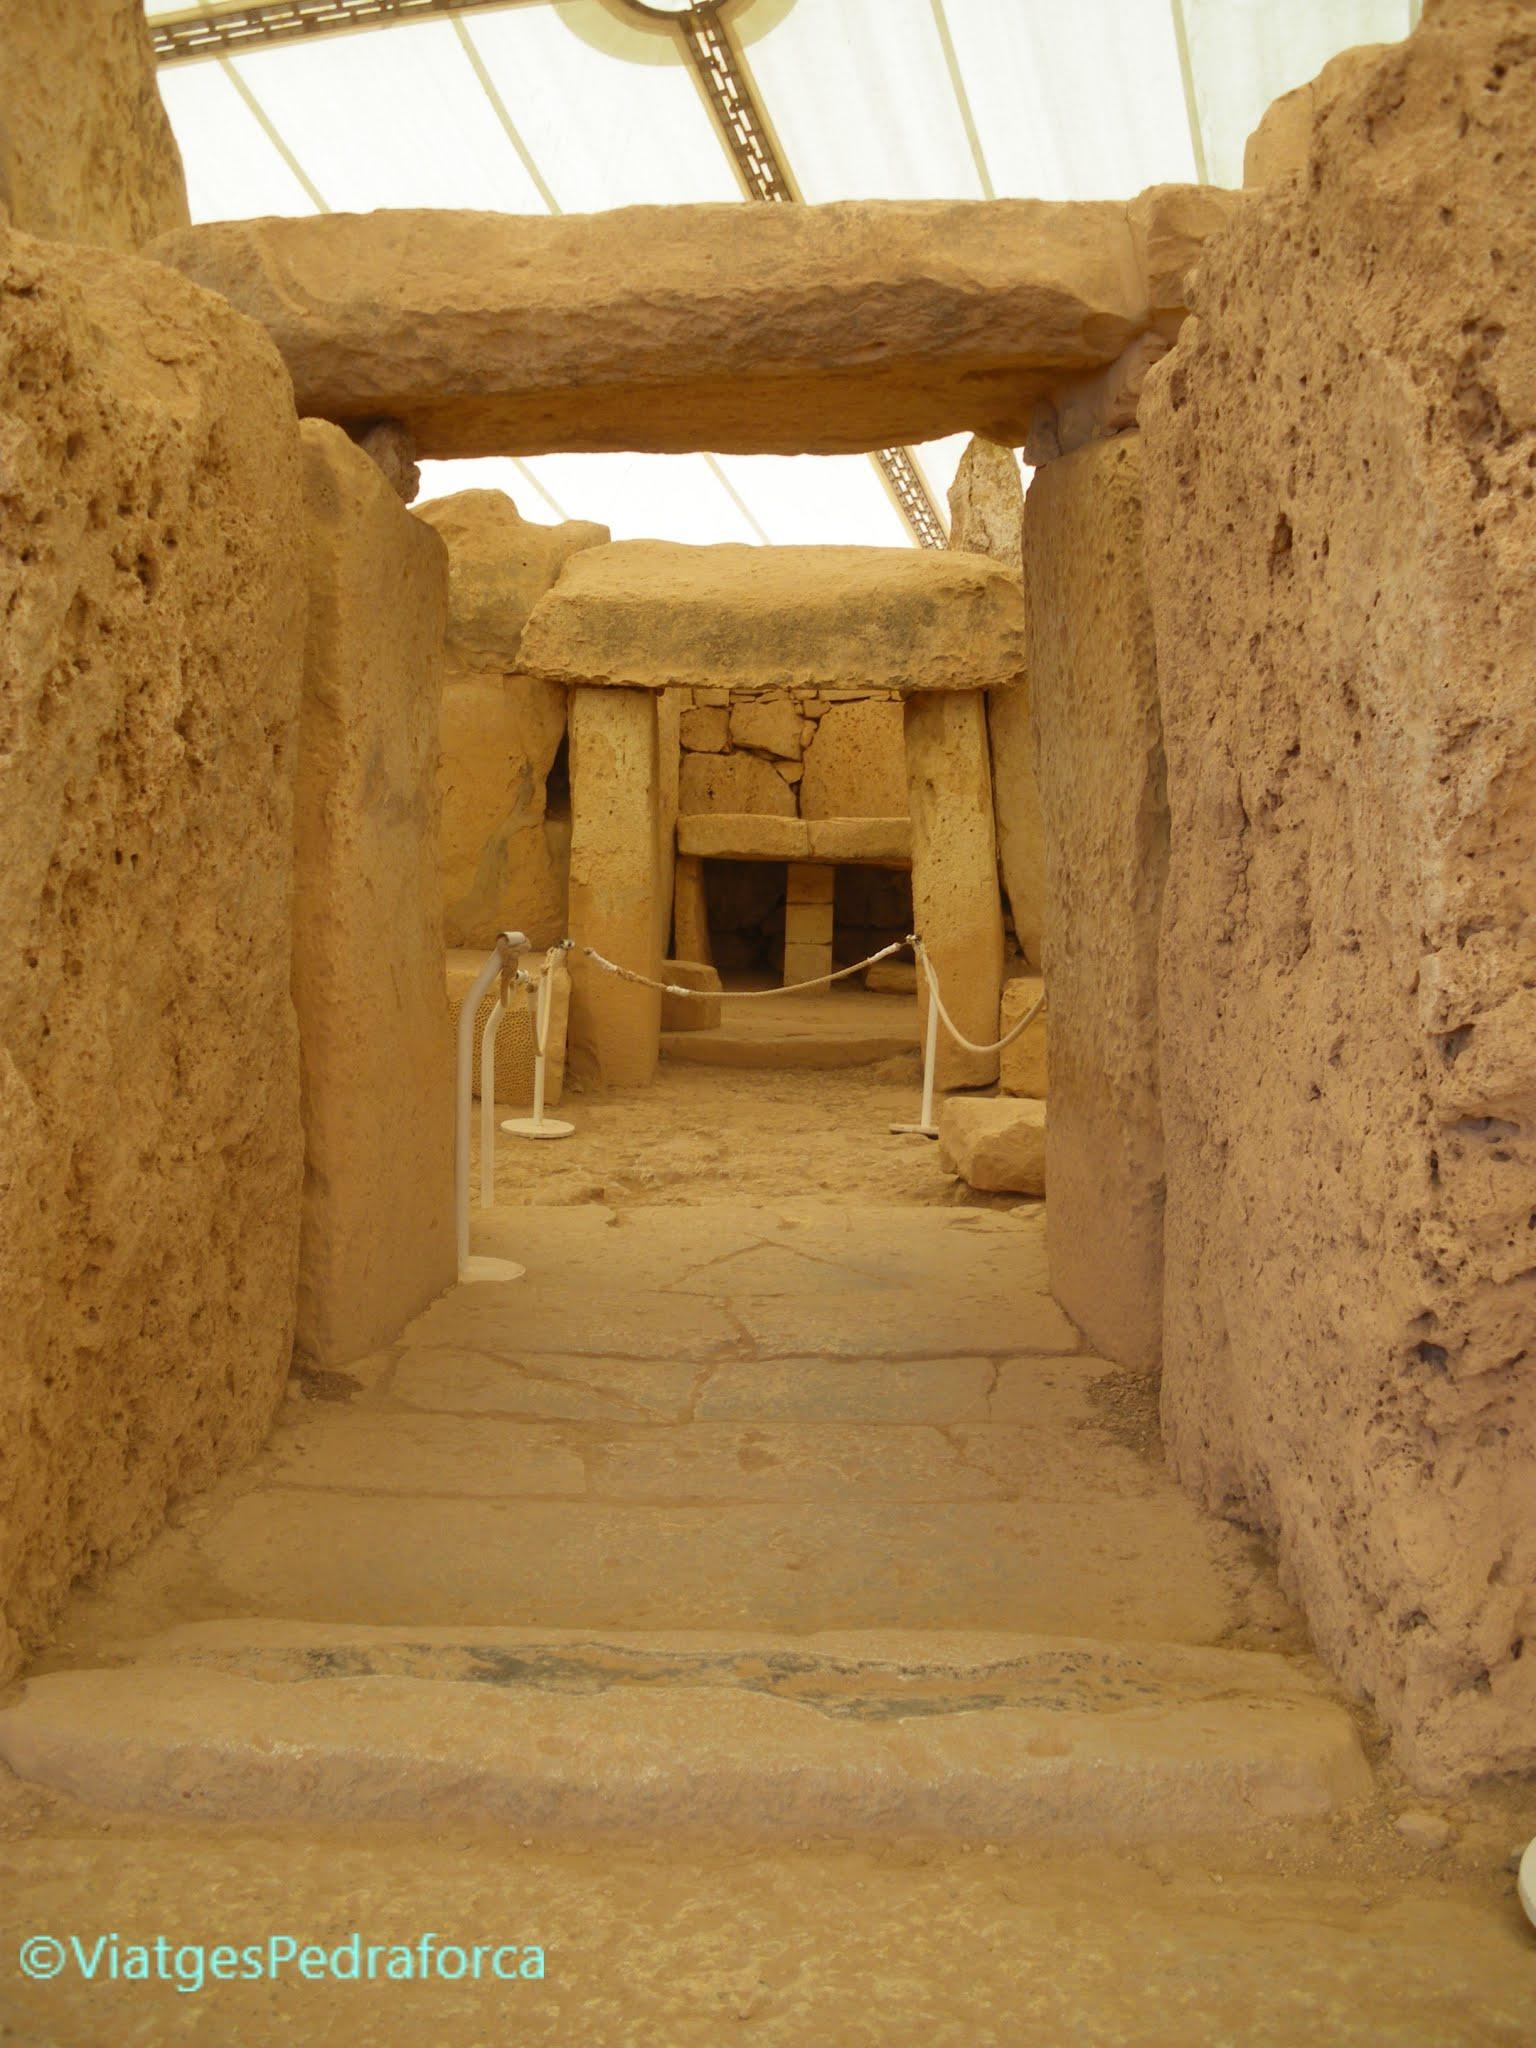 Arqueologia, Patrimoni de la Humanitat, Unesco world Heritage, Malta Heritage